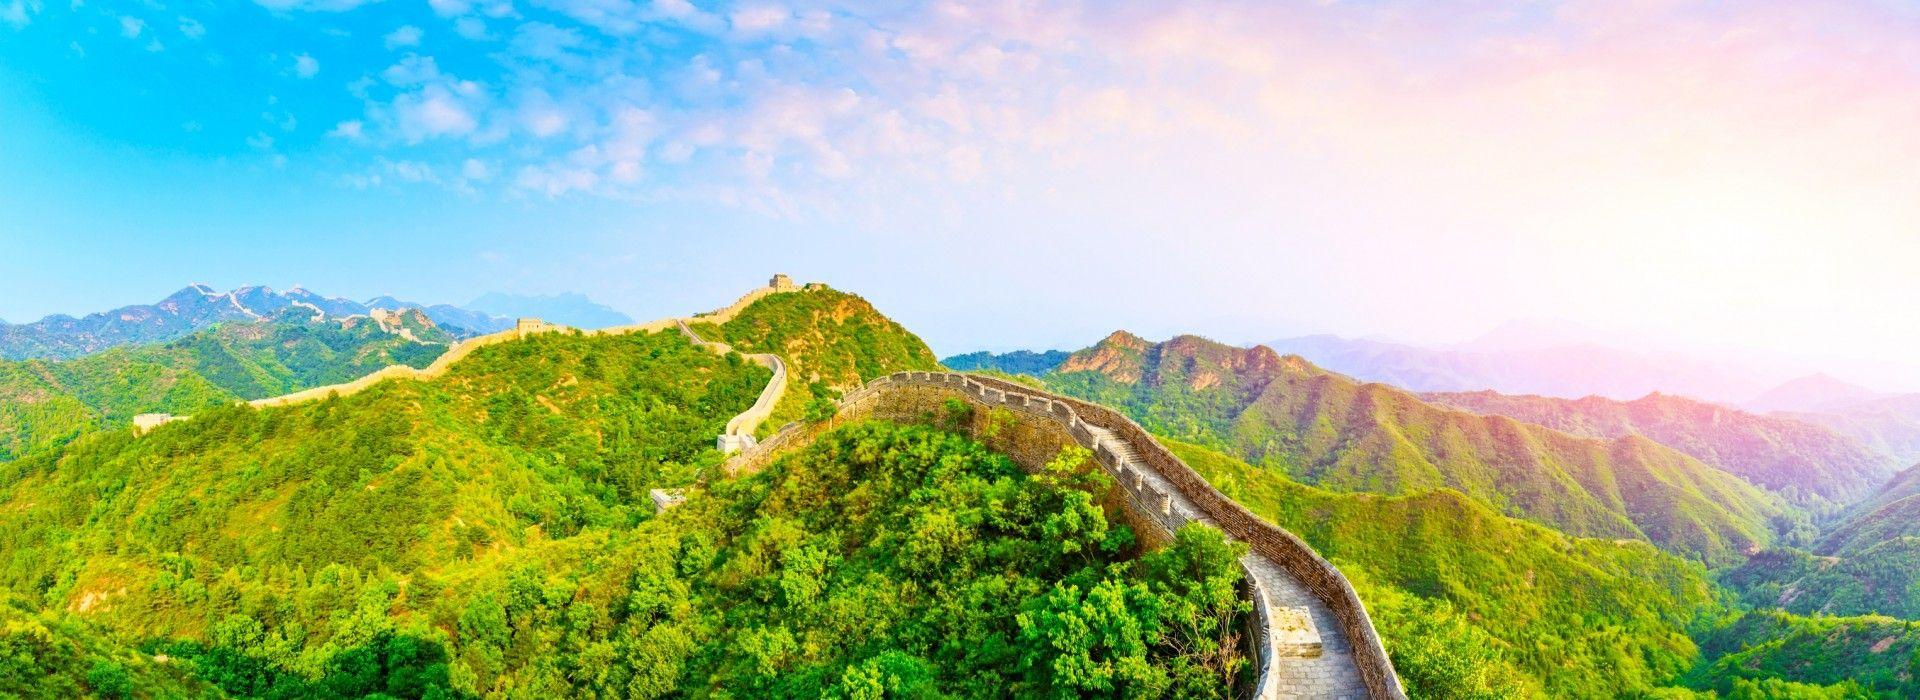 Sightseeing Tours in Zhangjiajie